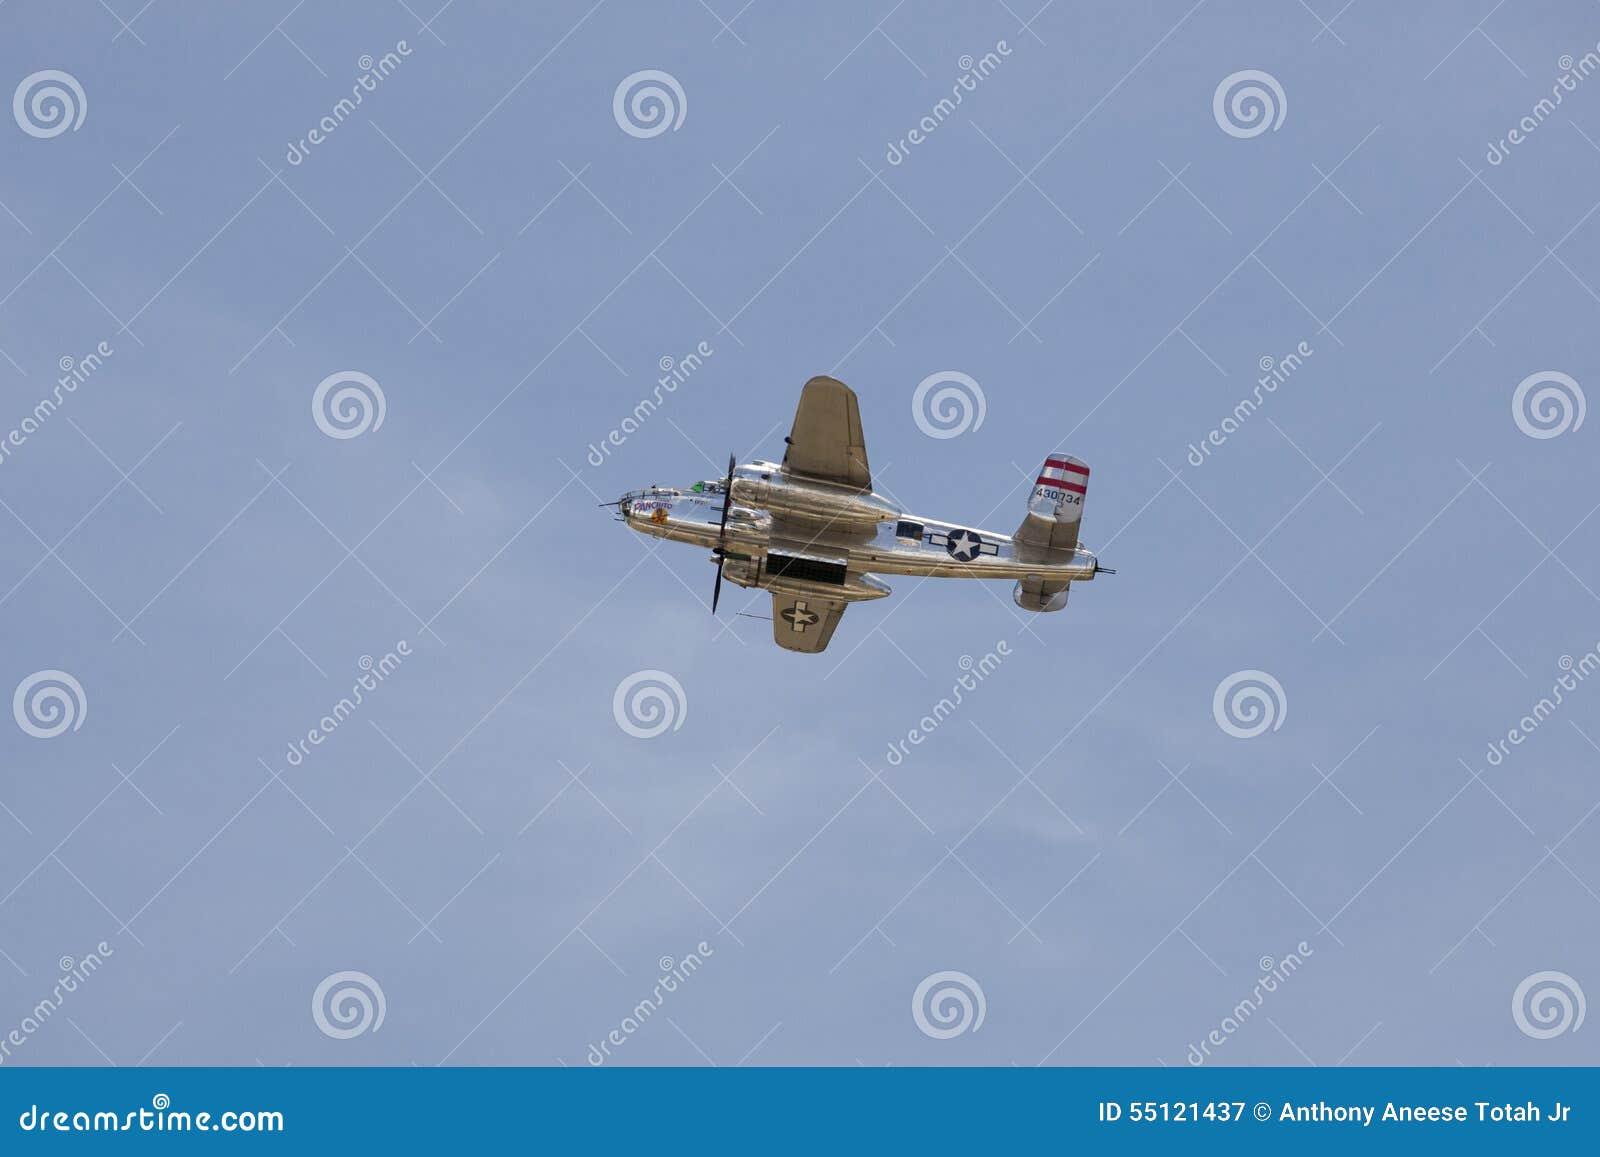 Panchito um B-25 norte-americano Mitchells